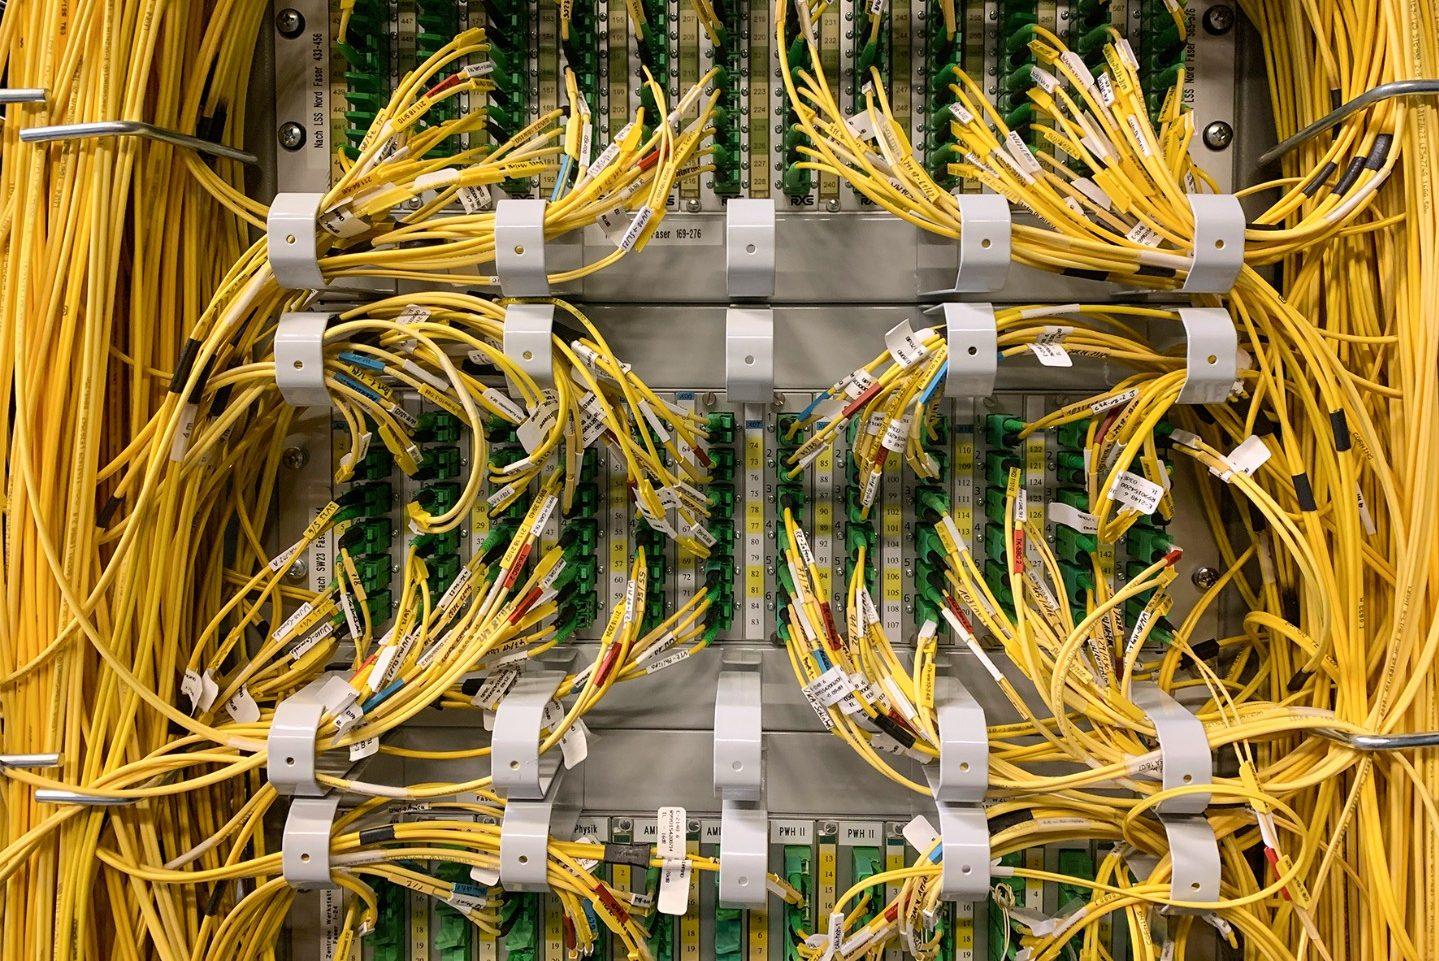 © IT Center RWTH Aachen Die Verbindung der 5G-Teilnetze und Antennen mit dem 5G-Core erfolgt mit Glasfasern, welche zentral im Patchpanel am IT Center zusammenlaufen.